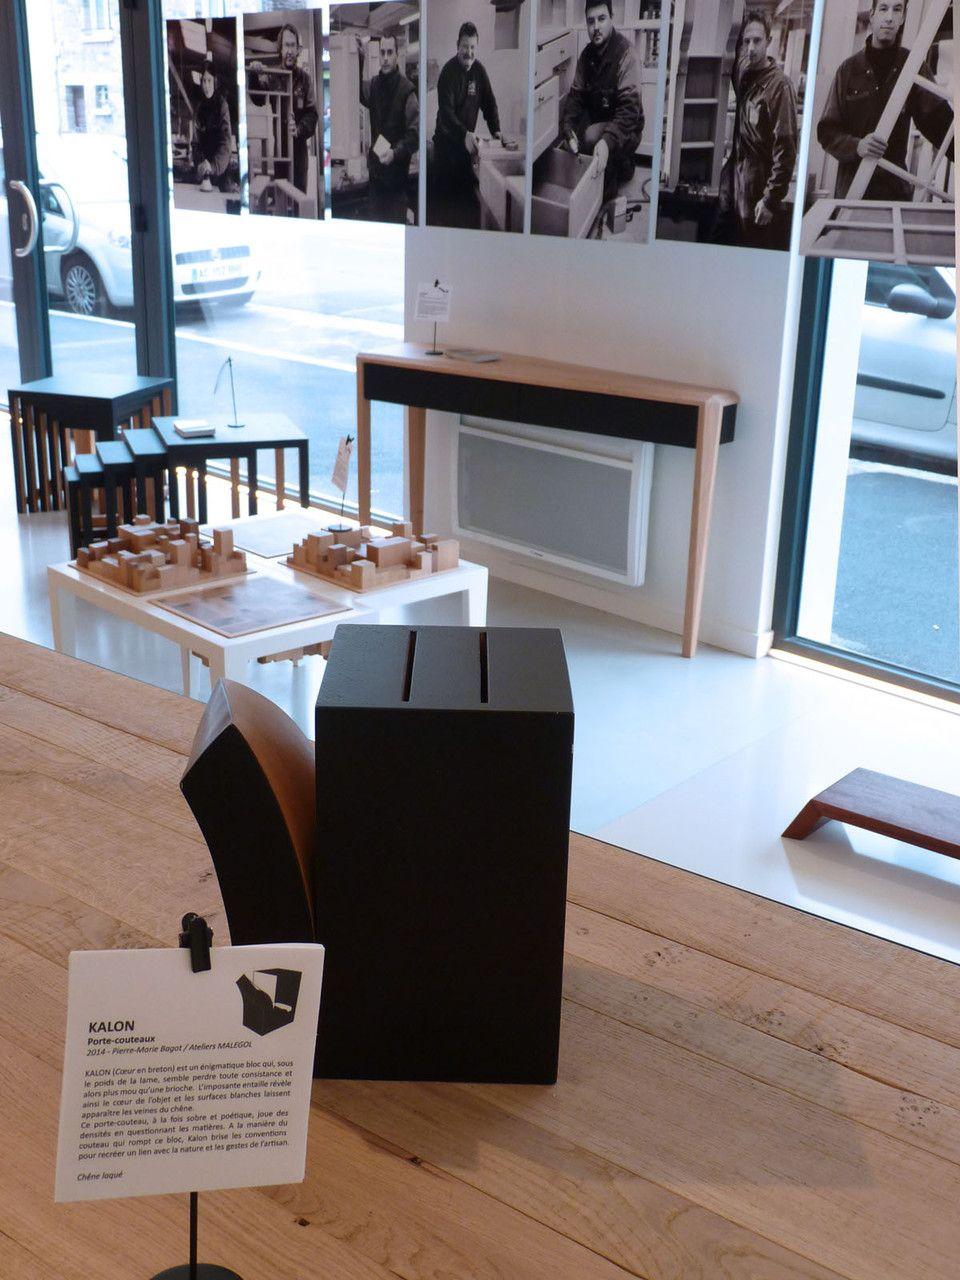 ateliers malegol 230 rue st malo rennes espace meubles design porte couteaux kalon On meubles design rennes